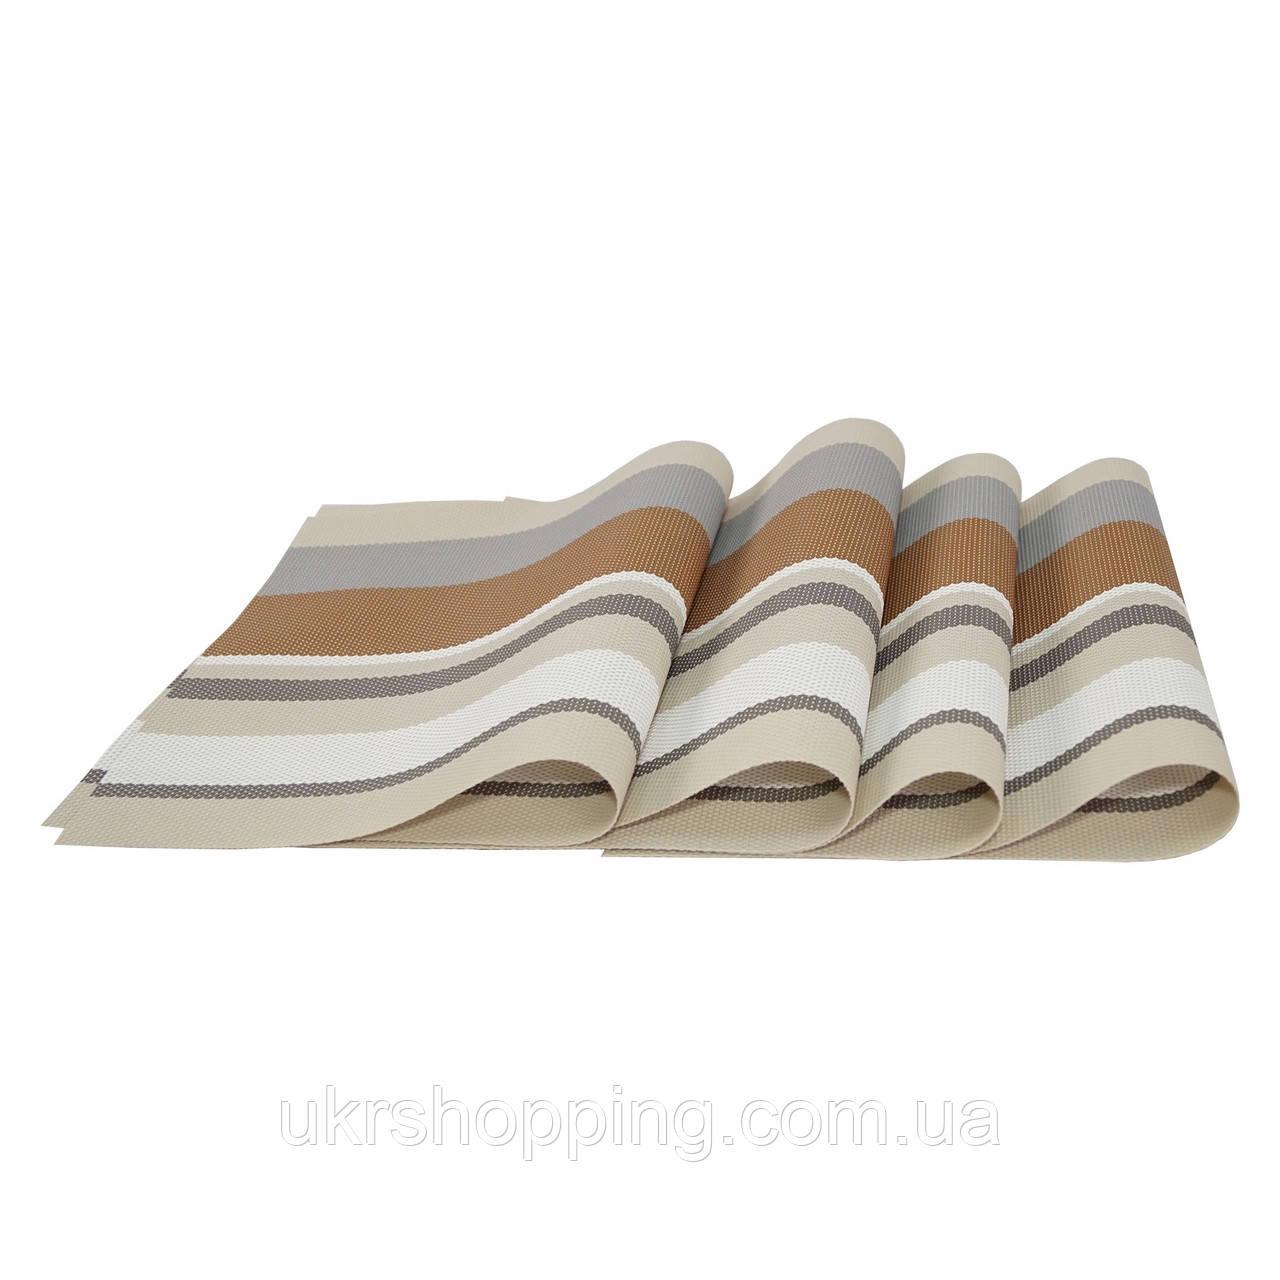 Коврики под тарелки на стол, сервировочные, набор, 4 шт., цвет - бежево-коричневый